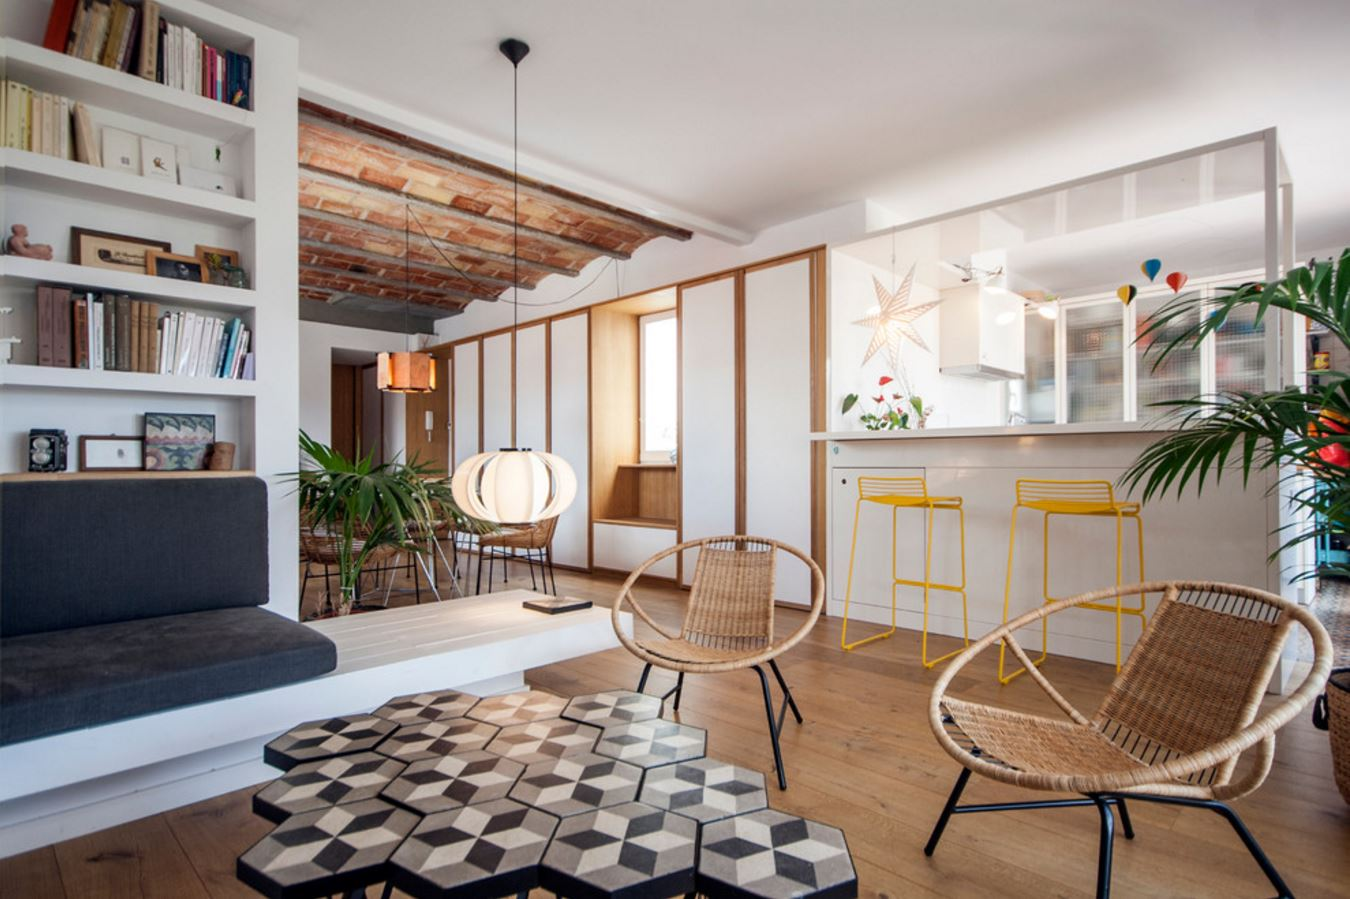 Reformas En Casa Imagen Imagen With Reformas En Casa Beautiful  ~ Ideas Para Reformar Una Casa Vieja